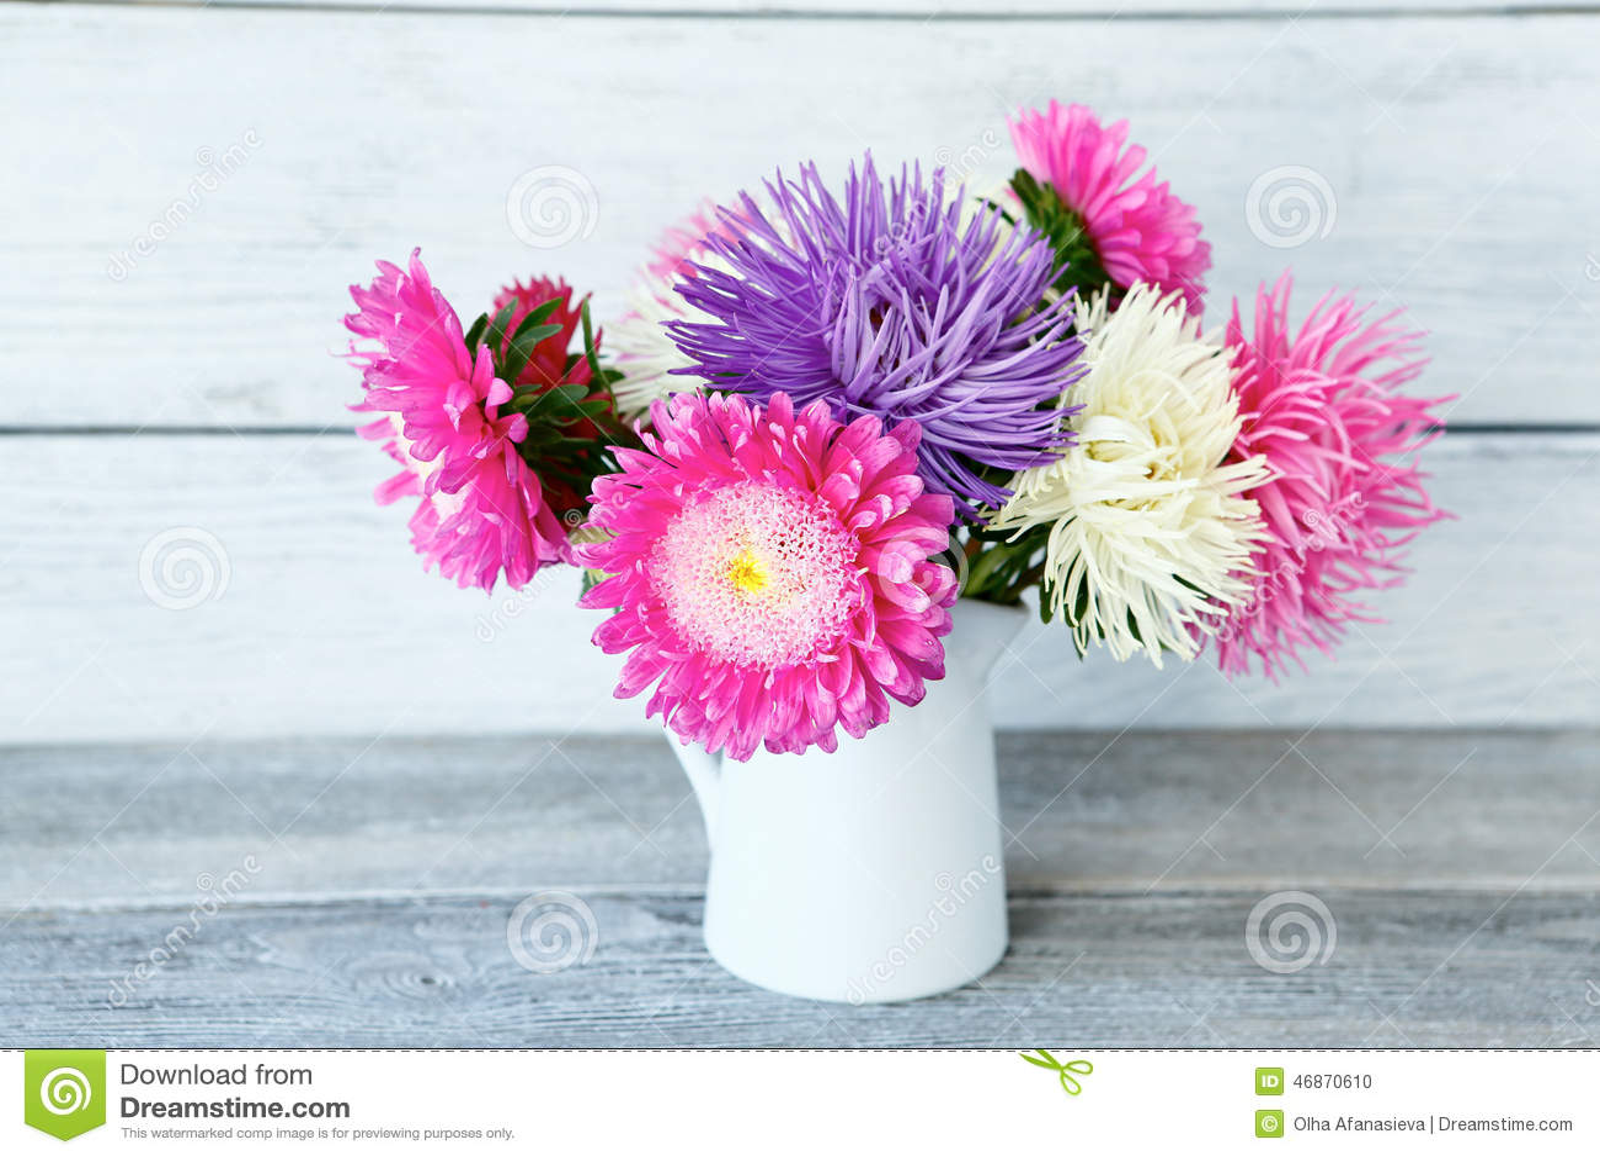 Blumenstrauß von bunten Astern